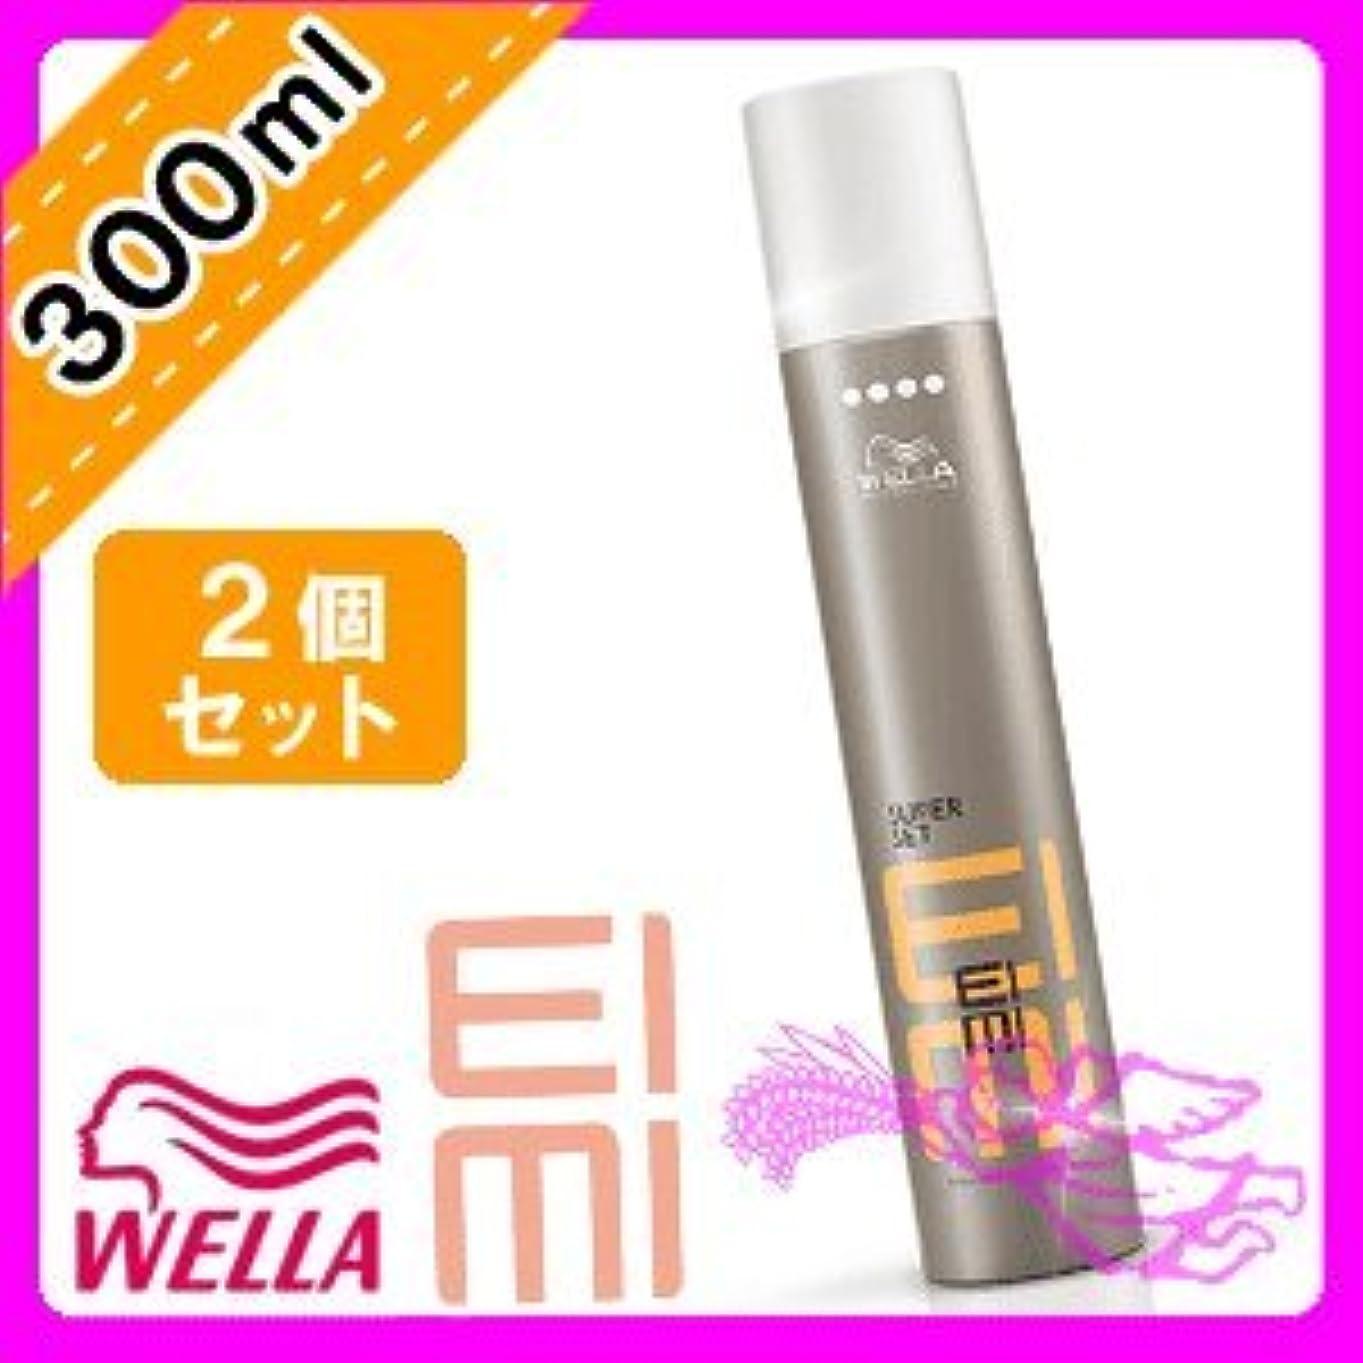 神経削除する好意的ウエラ EIMI(アイミィ) スーパーセットスプレー 300ml ×2個 セット WELLA P&G